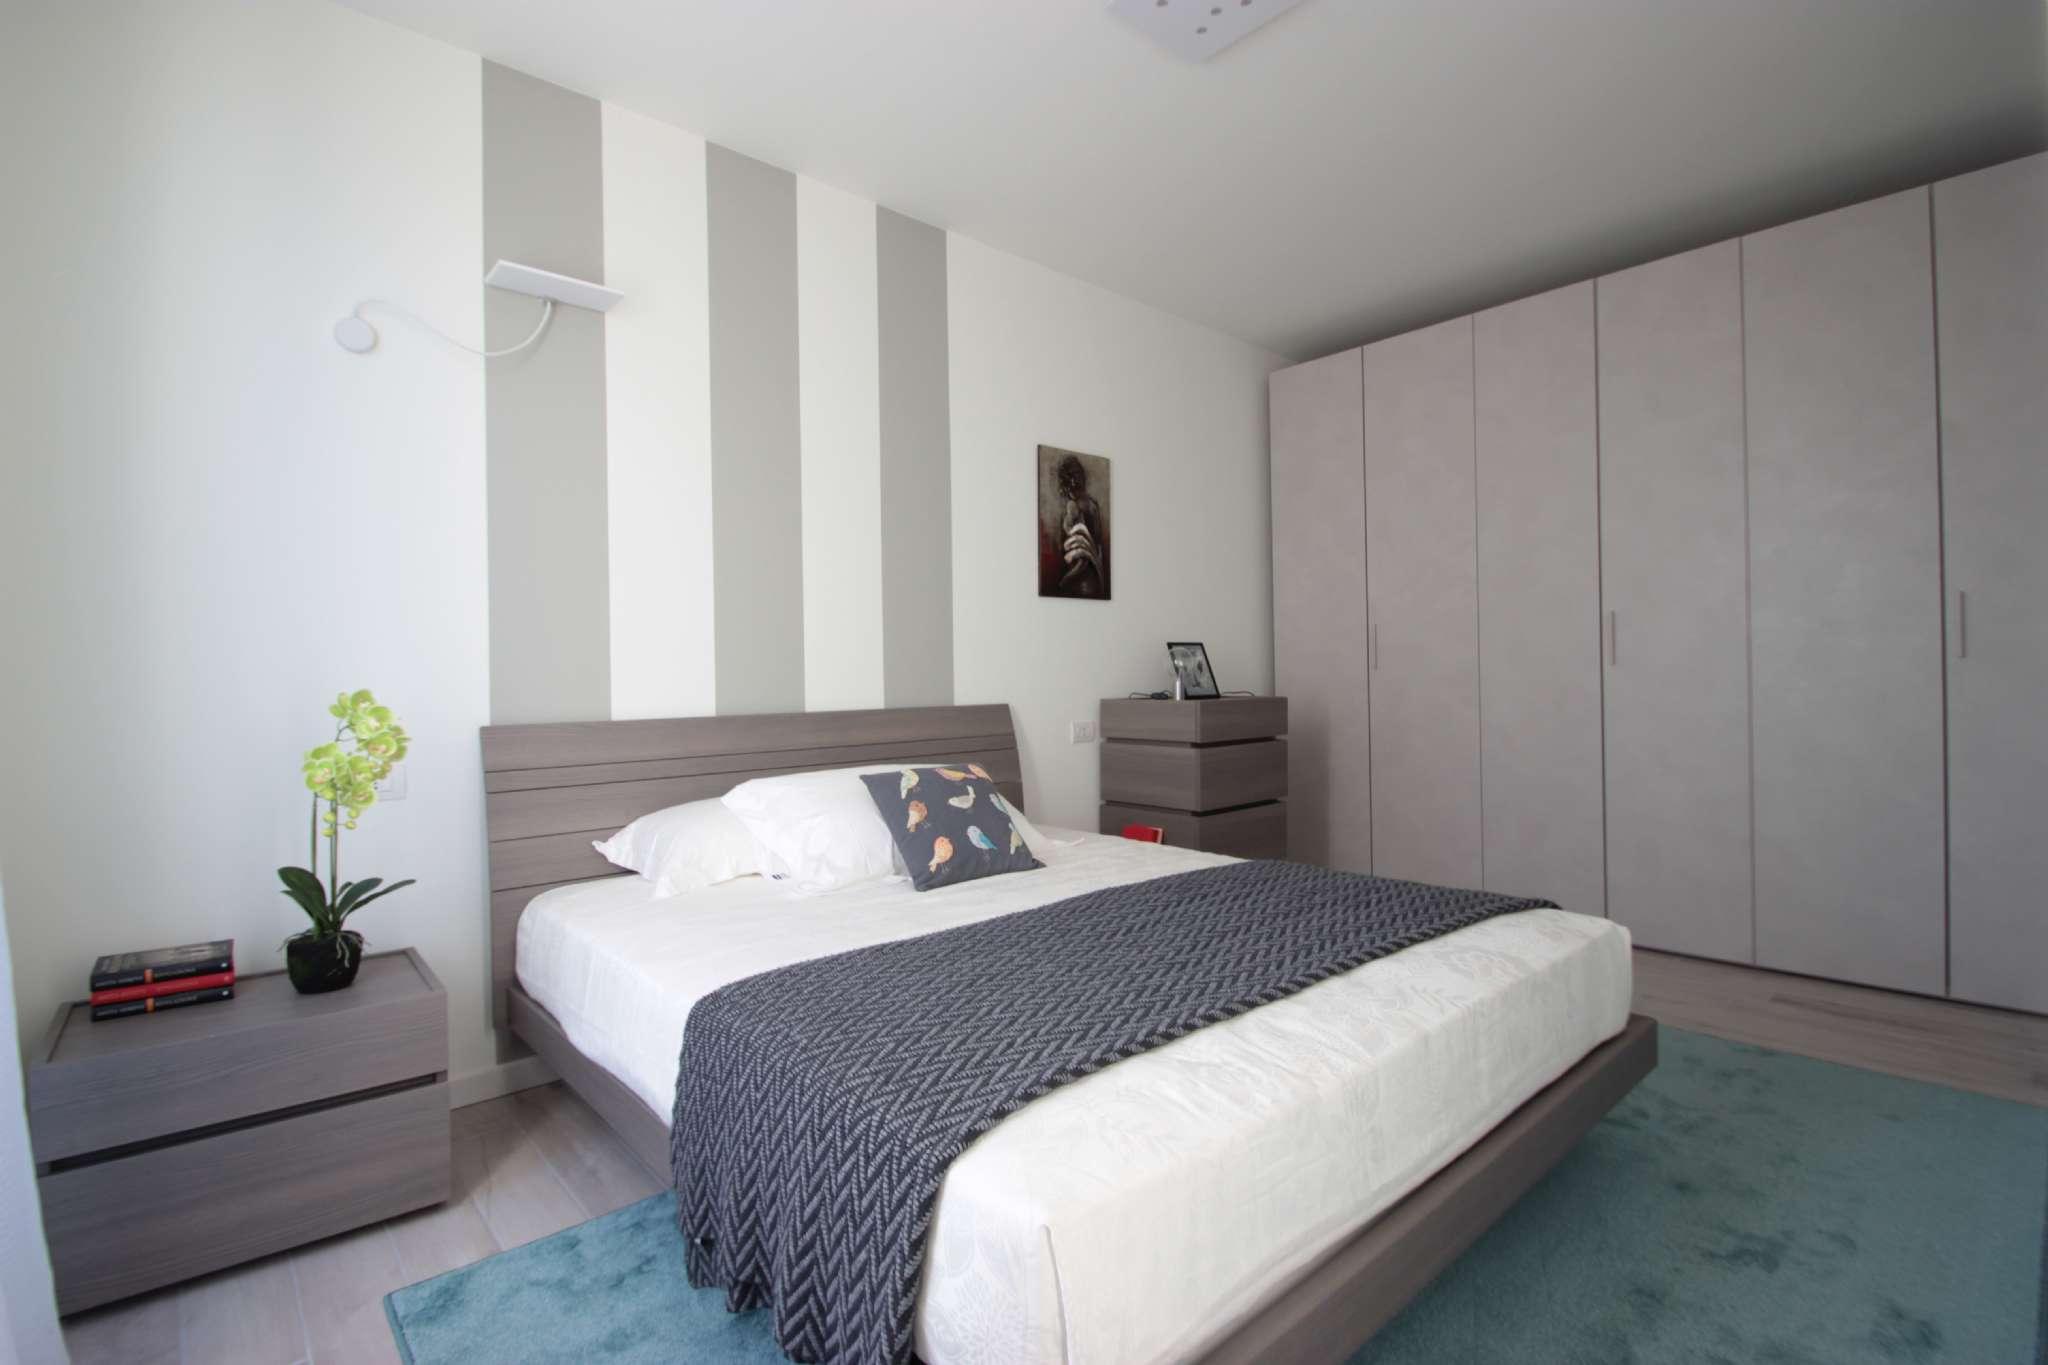 Appartamento in vendita a Casatenovo, 3 locali, prezzo € 190.000 | PortaleAgenzieImmobiliari.it